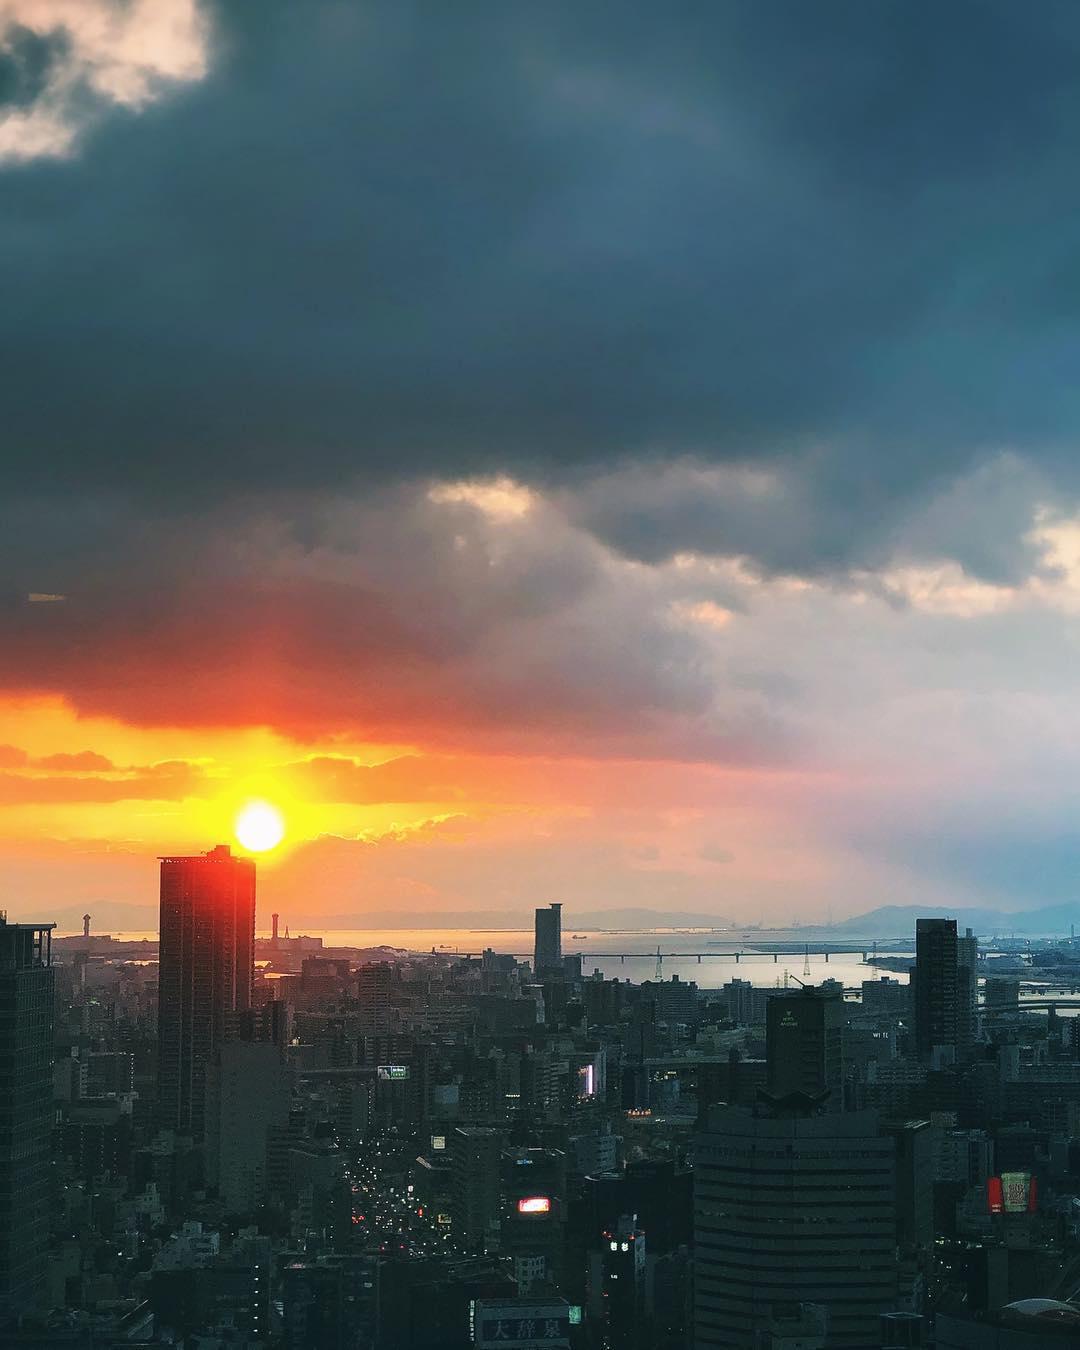 Le coucher de soleil d'hier soir était plutôt chouette :) #osakasafari #osaka #japonsafari